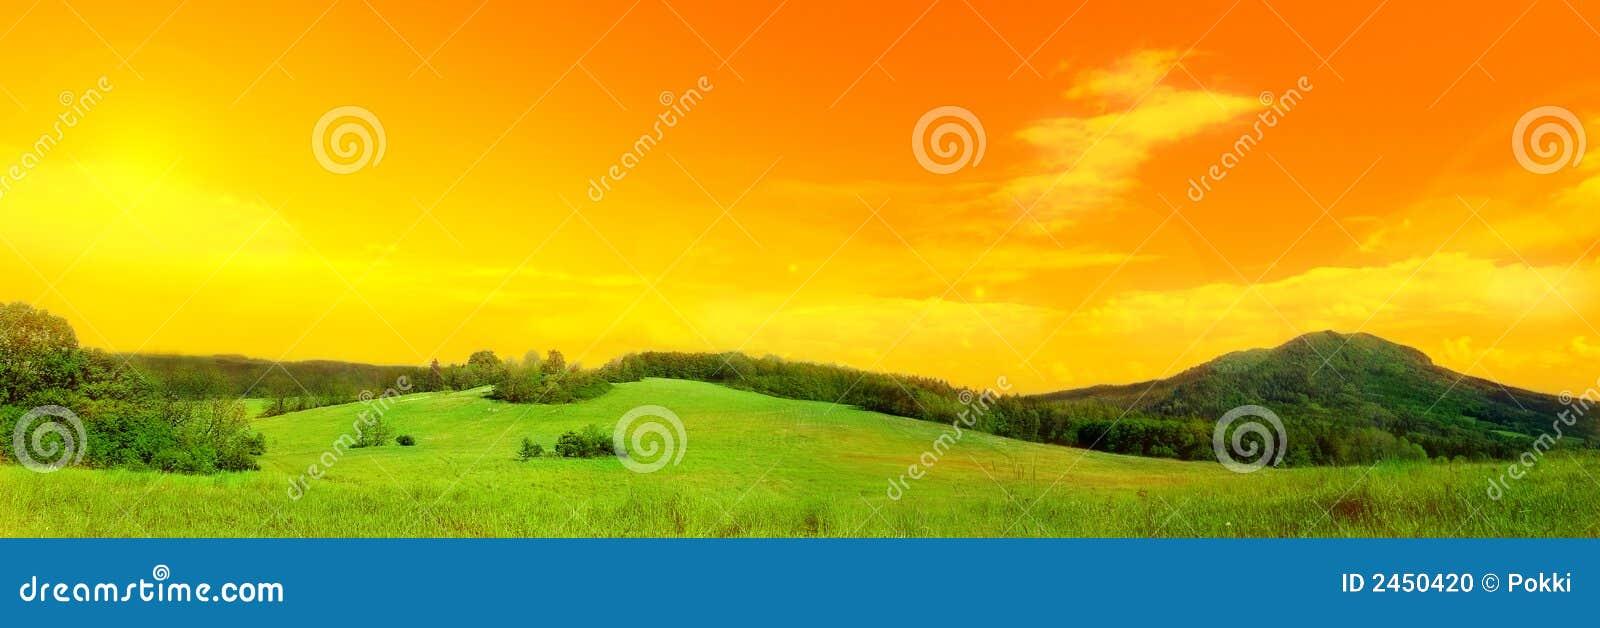 Panoramafoto der Wiese